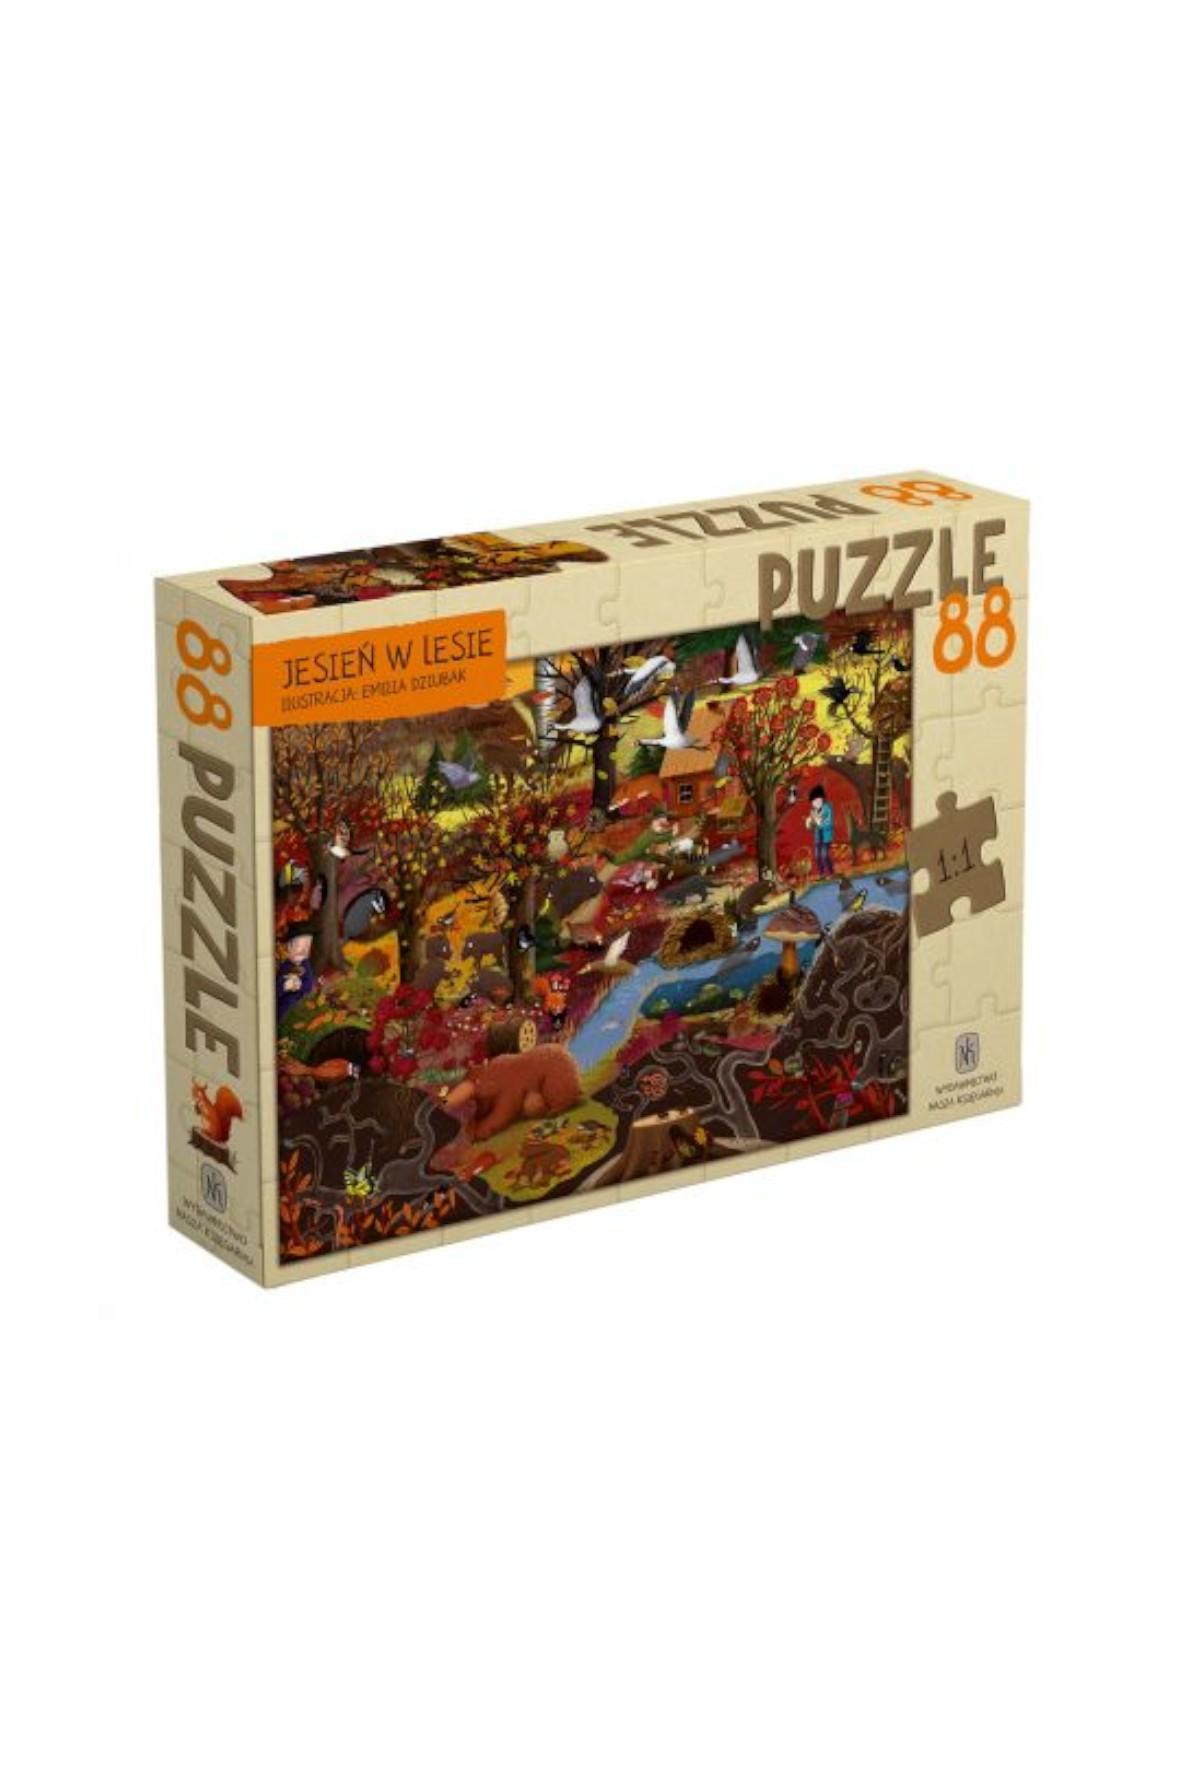 Puzzle - Jesień w lesie 88el